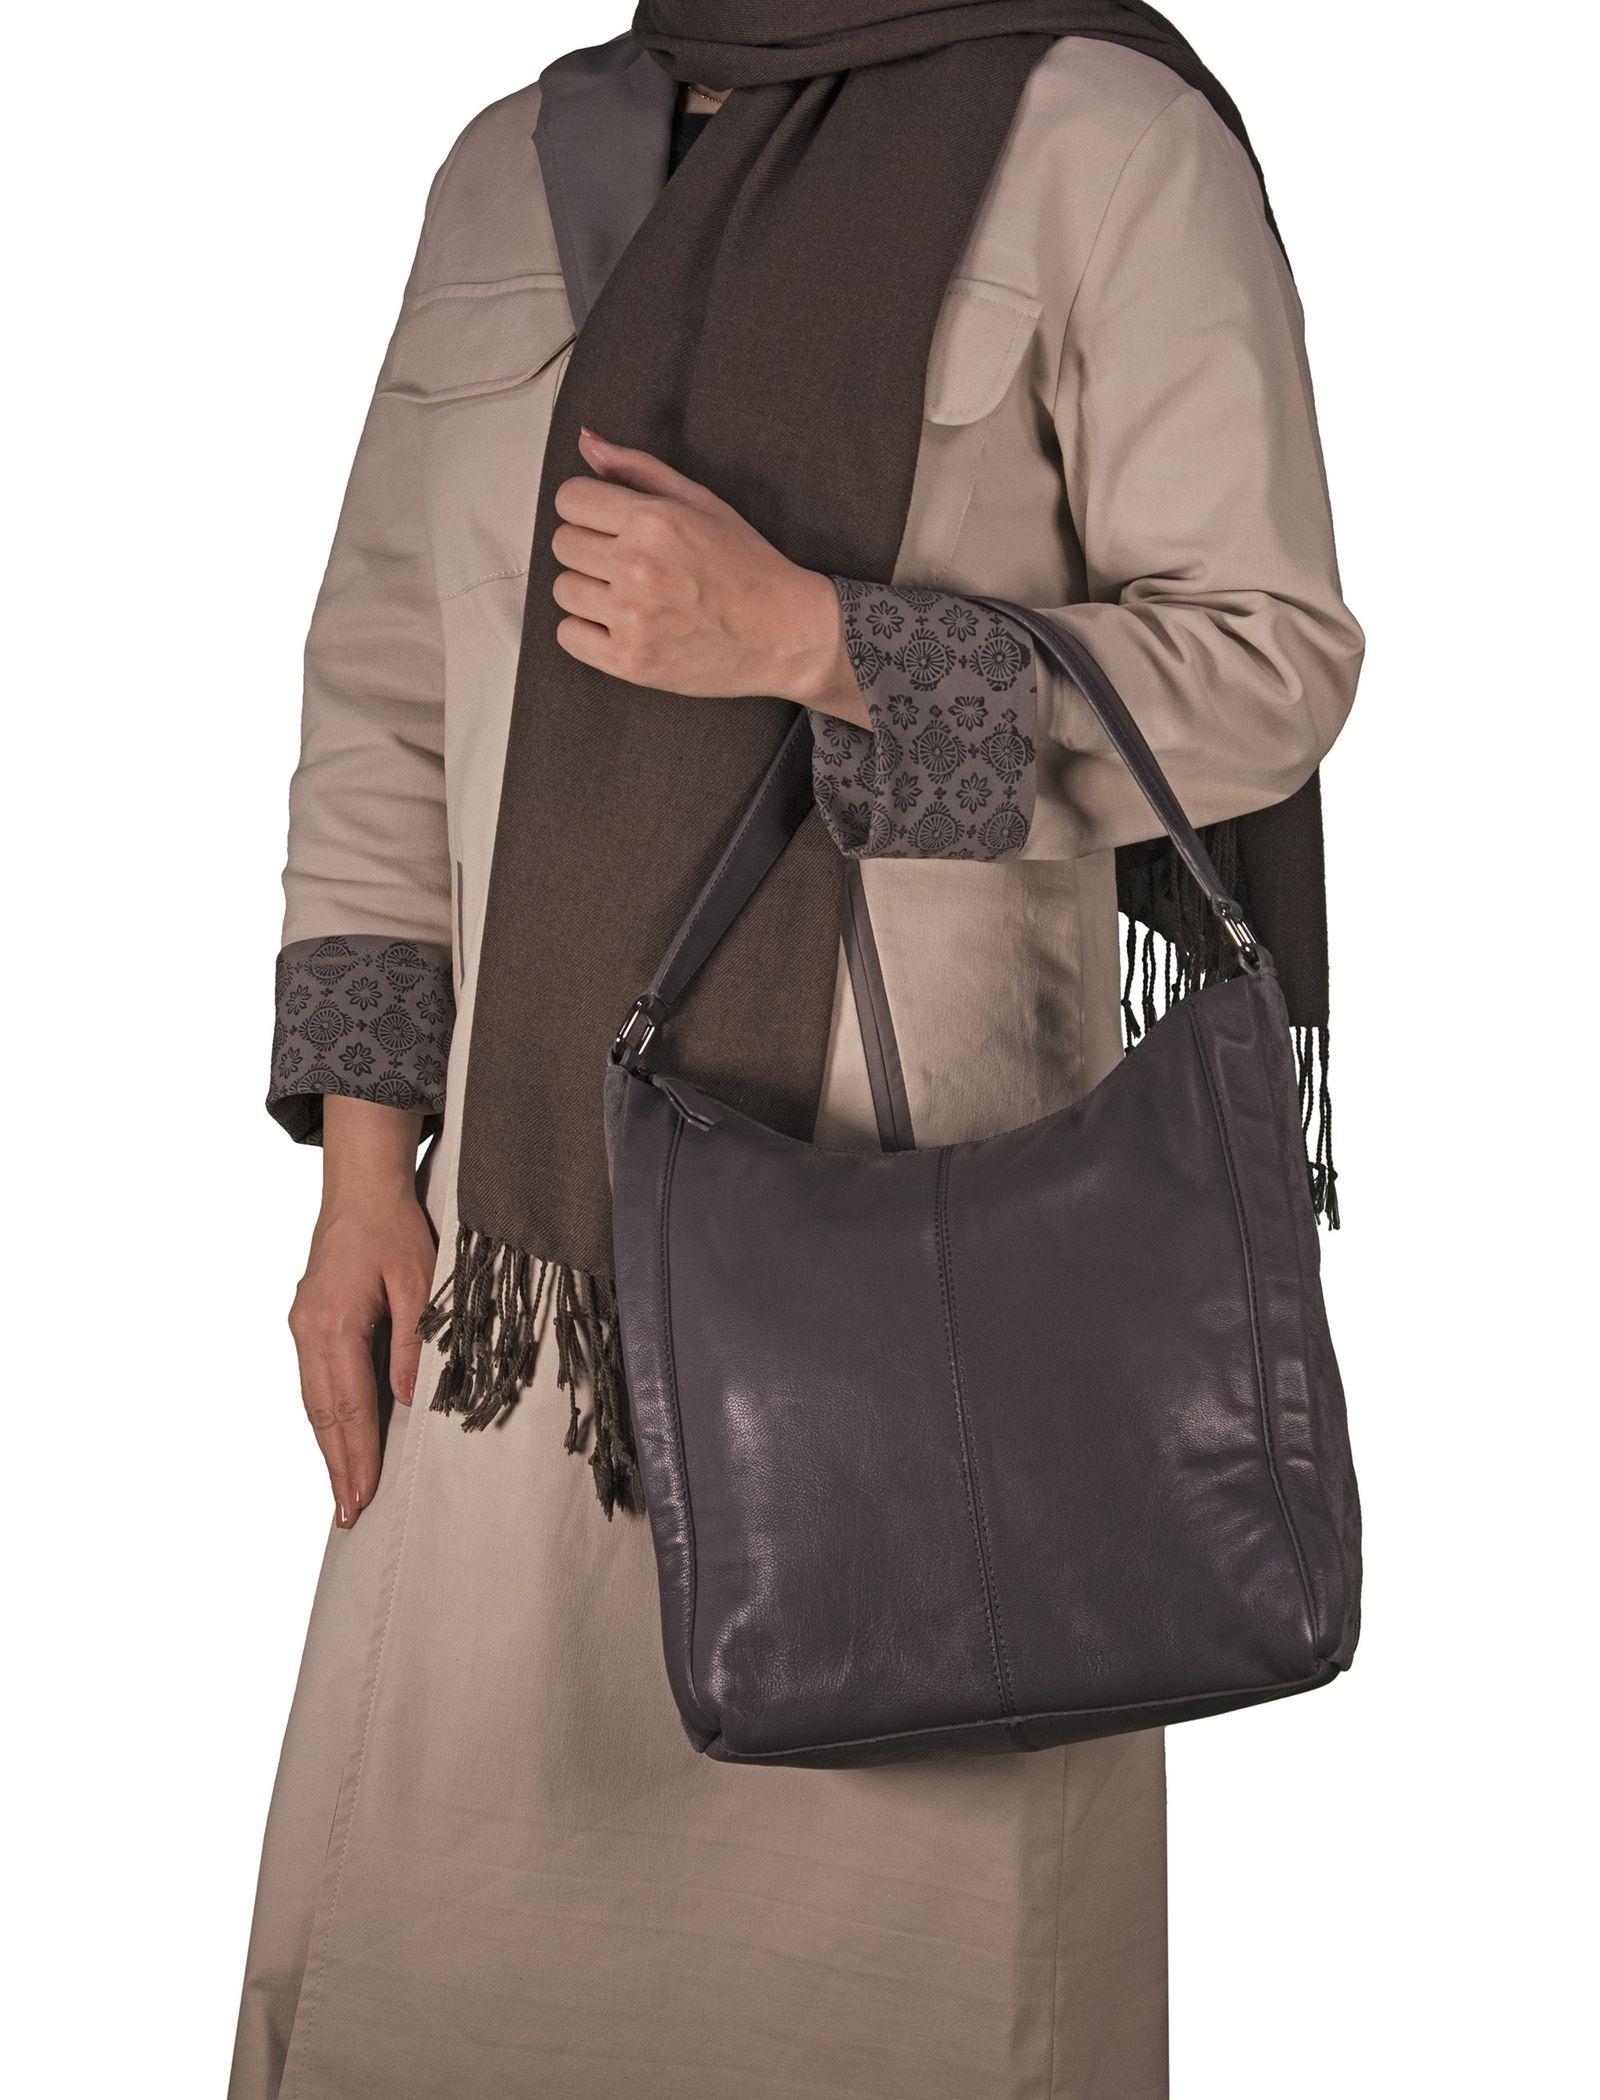 کیف دوشی چرم زنانه - باتا - قهوه اي مايل به طوسي - 6